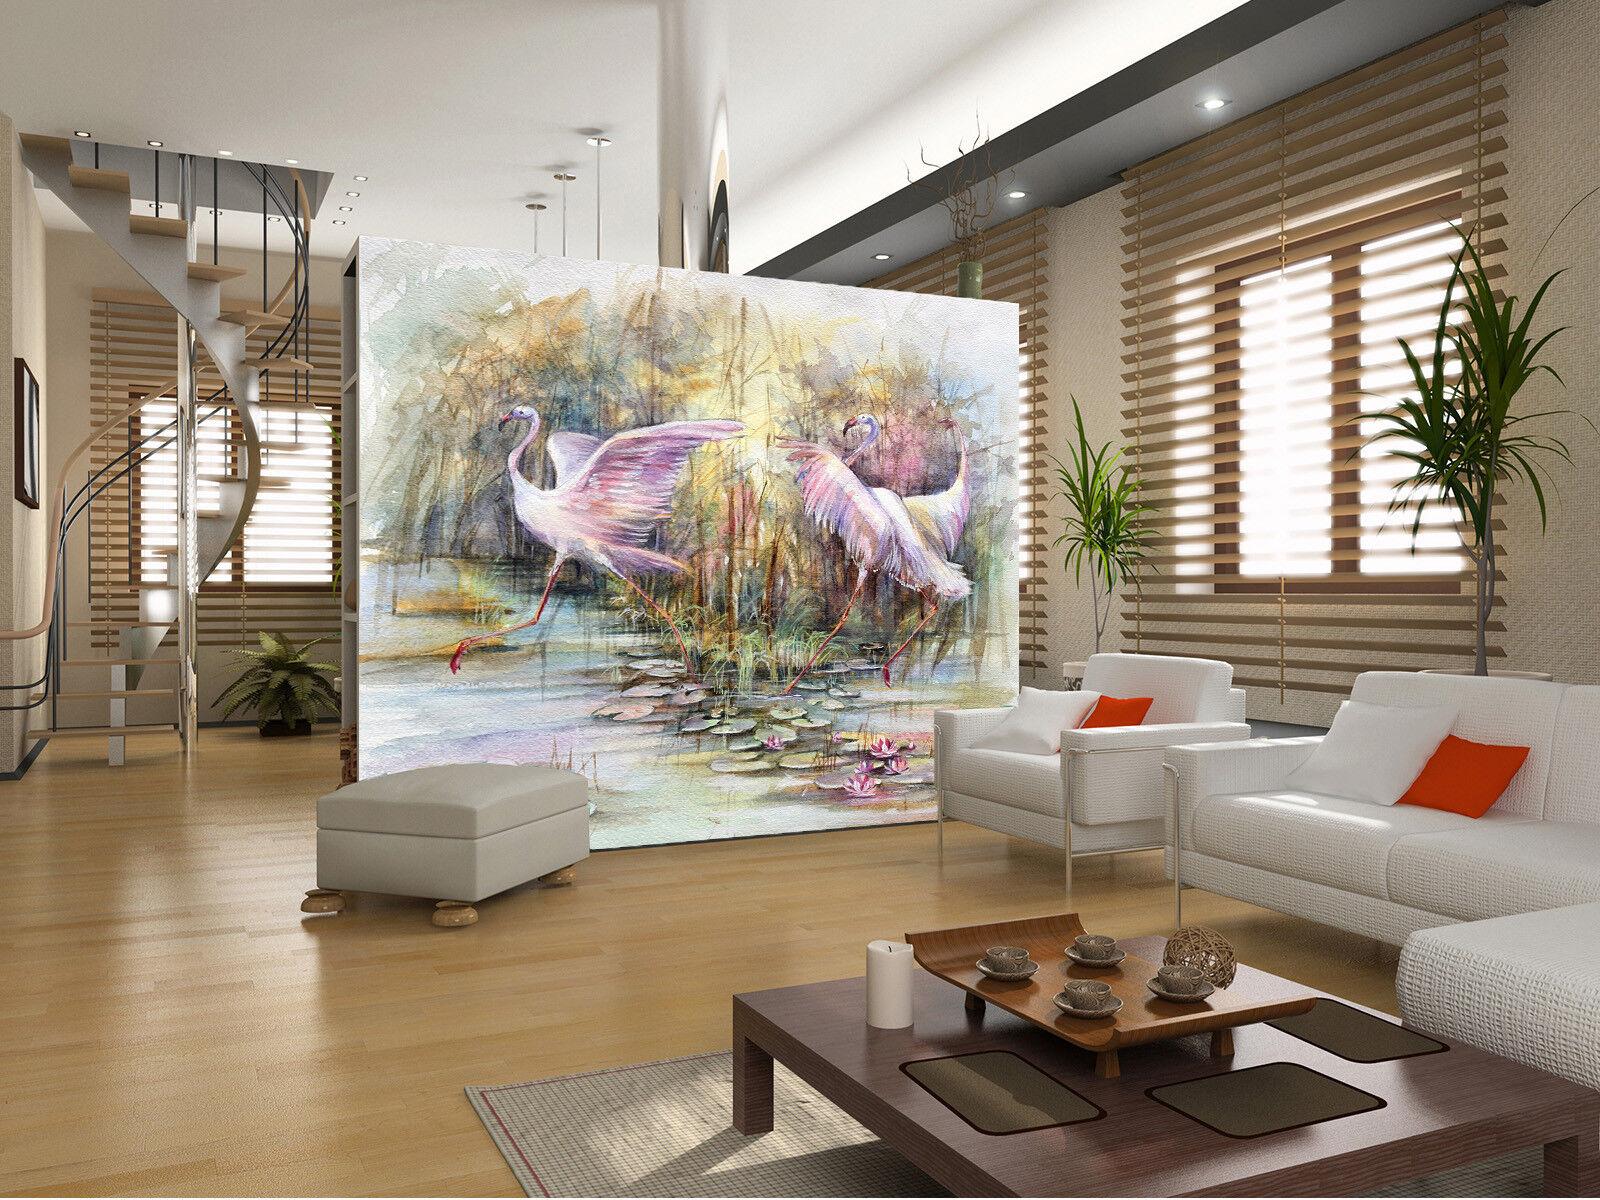 3D Grass Birds Wallpaper Murals Wall Print Wallpaper Mural AJ WALL AU Lemon